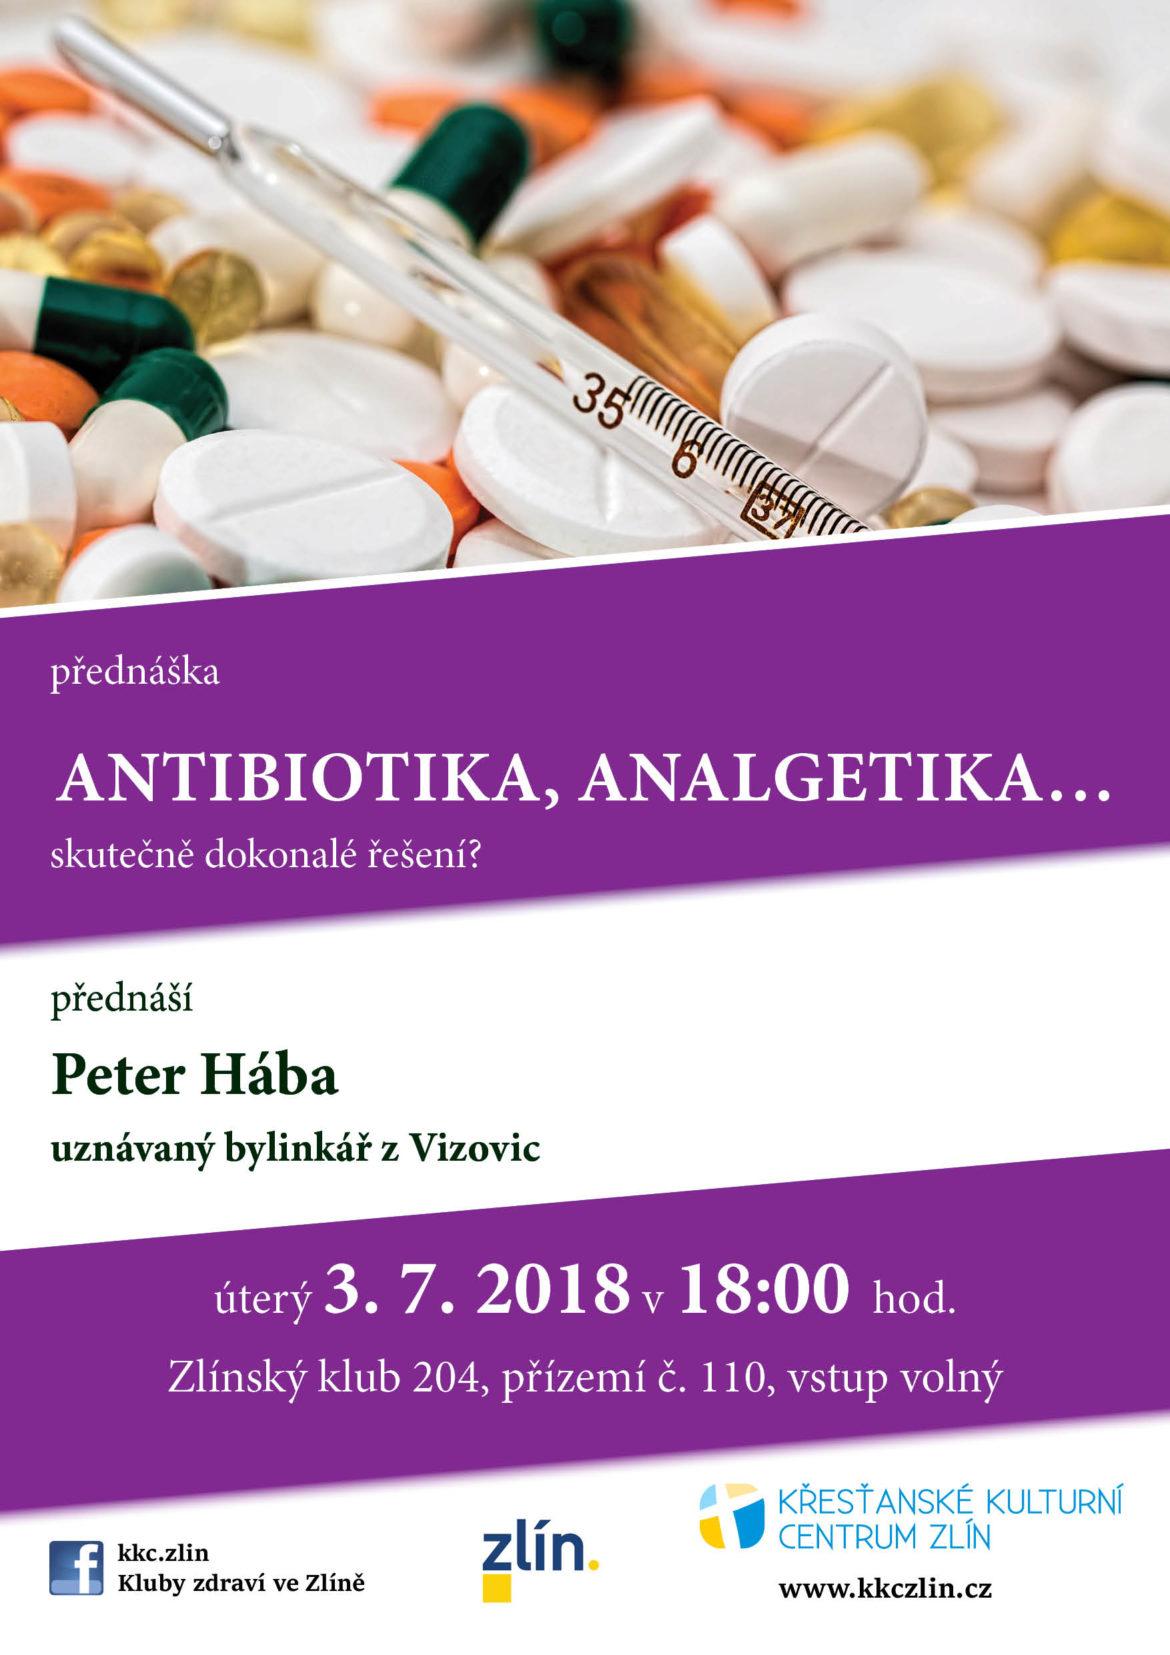 Antibiotika, analgetika…skutečně dokonalé řešení? Peter Hába